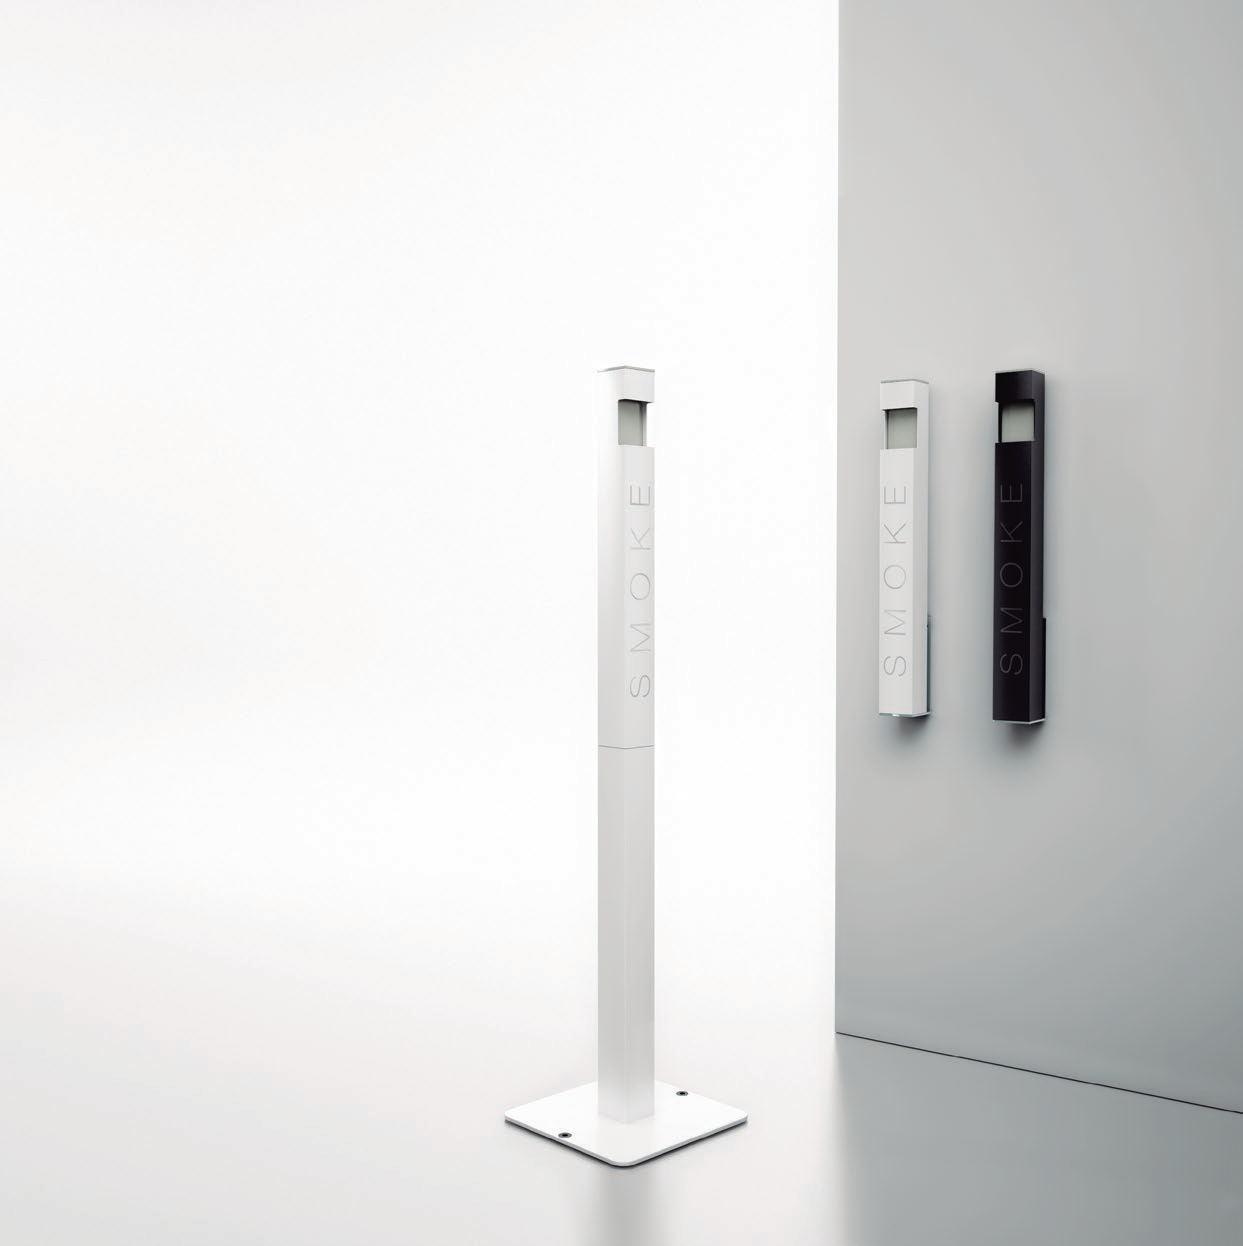 Uispair Modern Hanging Type Smoking Set Cigarette Quitting Ashtray